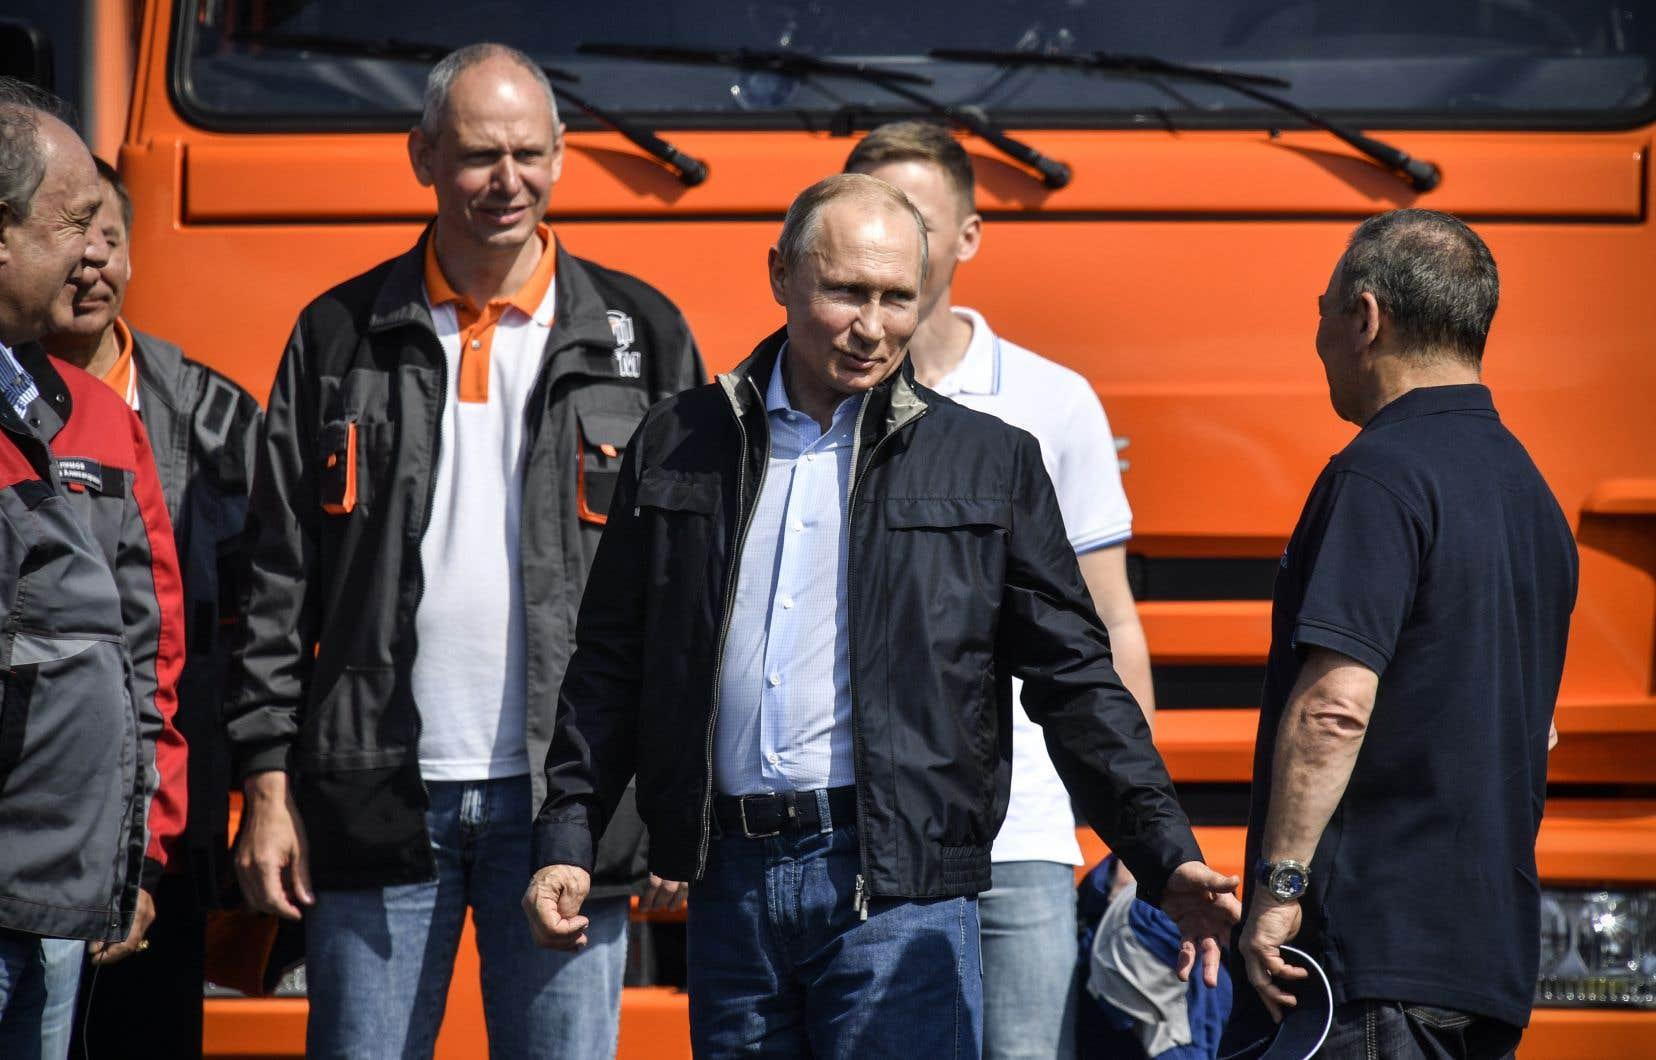 Lancé en février 2016, ce chantier titanesque avait été confié par l'État russe à la société du milliardaire Arkadi Rotenberg, partenaire de judo du président Vladimir Poutine.